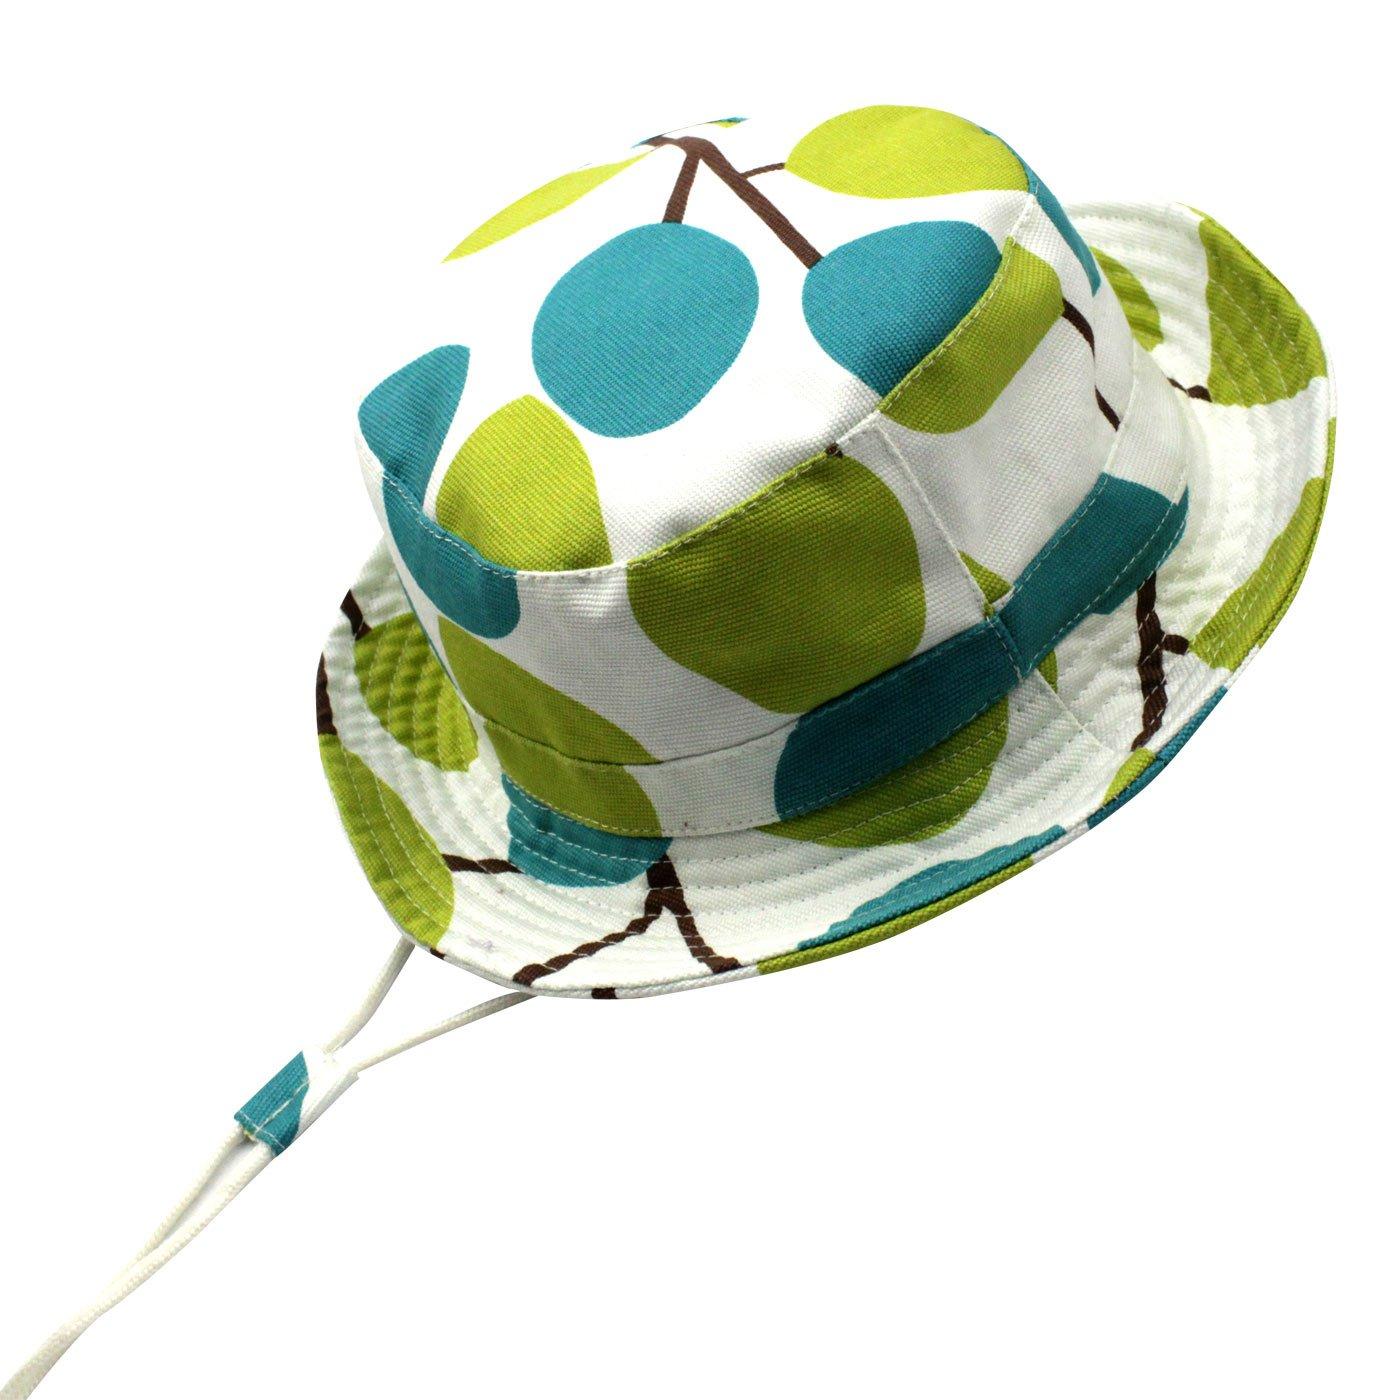 Langzhen Chapeau de Soleil Anti-uv Bonnet Voiture pour Bébé Enfant Fille Garçon Bob Hat Eté Protection Coton Panama Plage Tour de Tête 46-54CM(6mois-8ans)